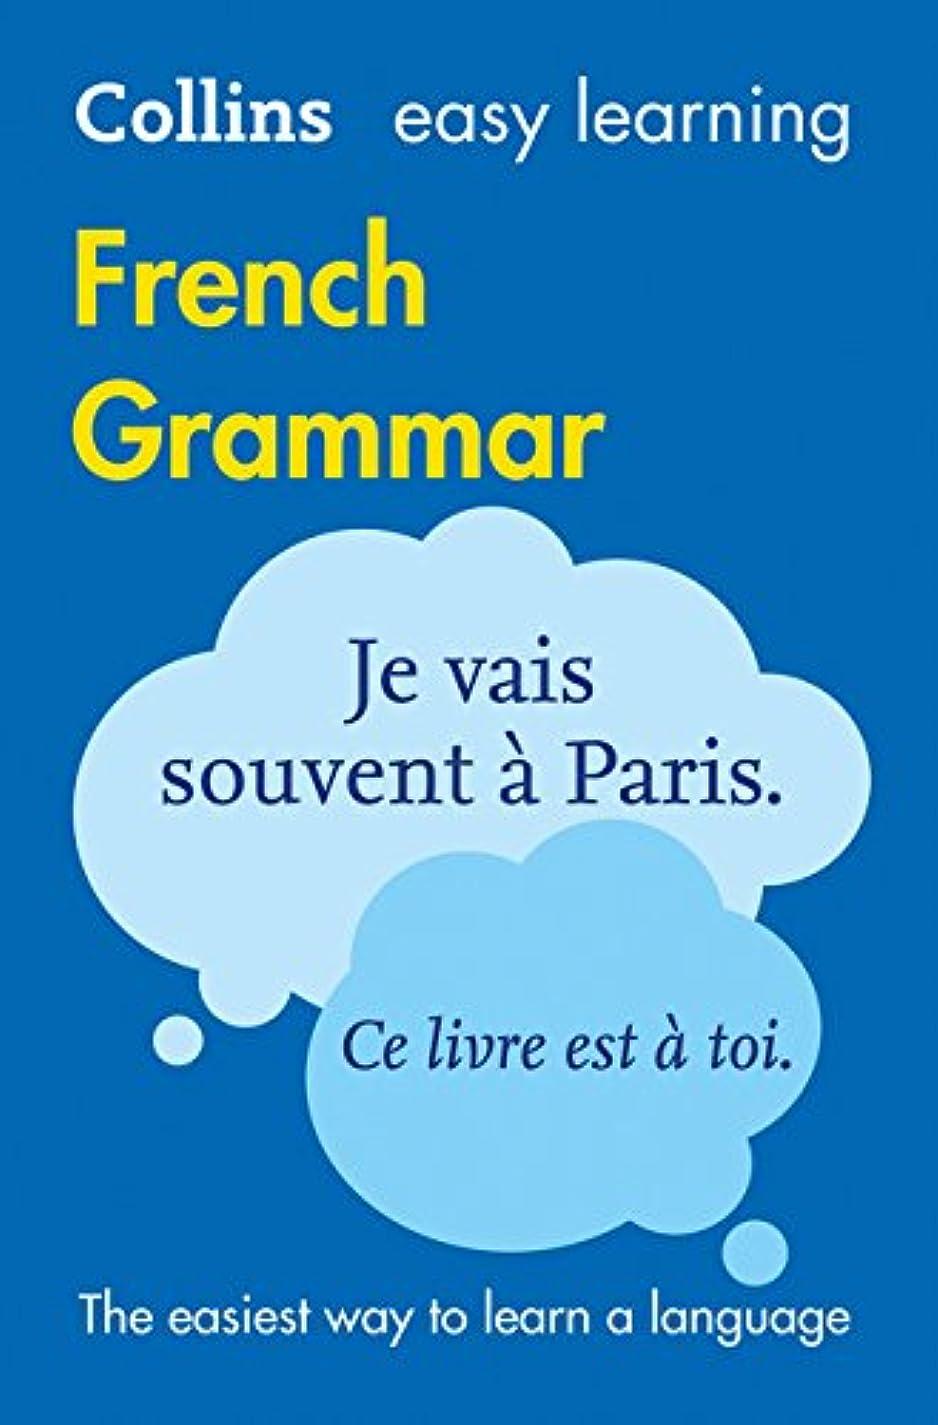 永久注入する娯楽Collins Easy Learning French - Easy Learning French Grammar